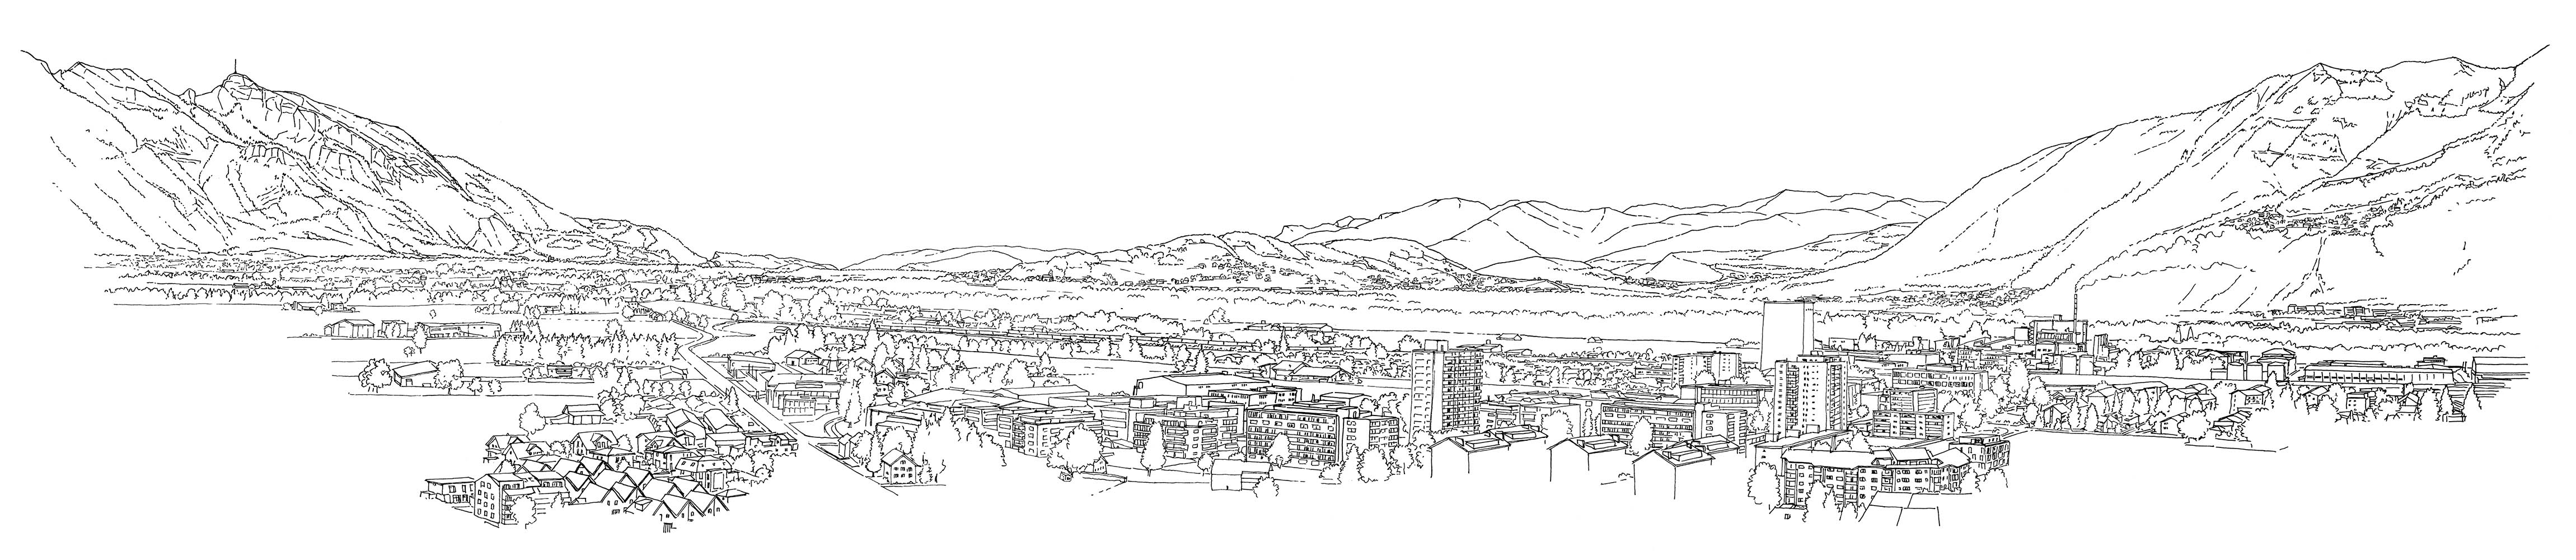 Alpenzeiger Panorama Osten